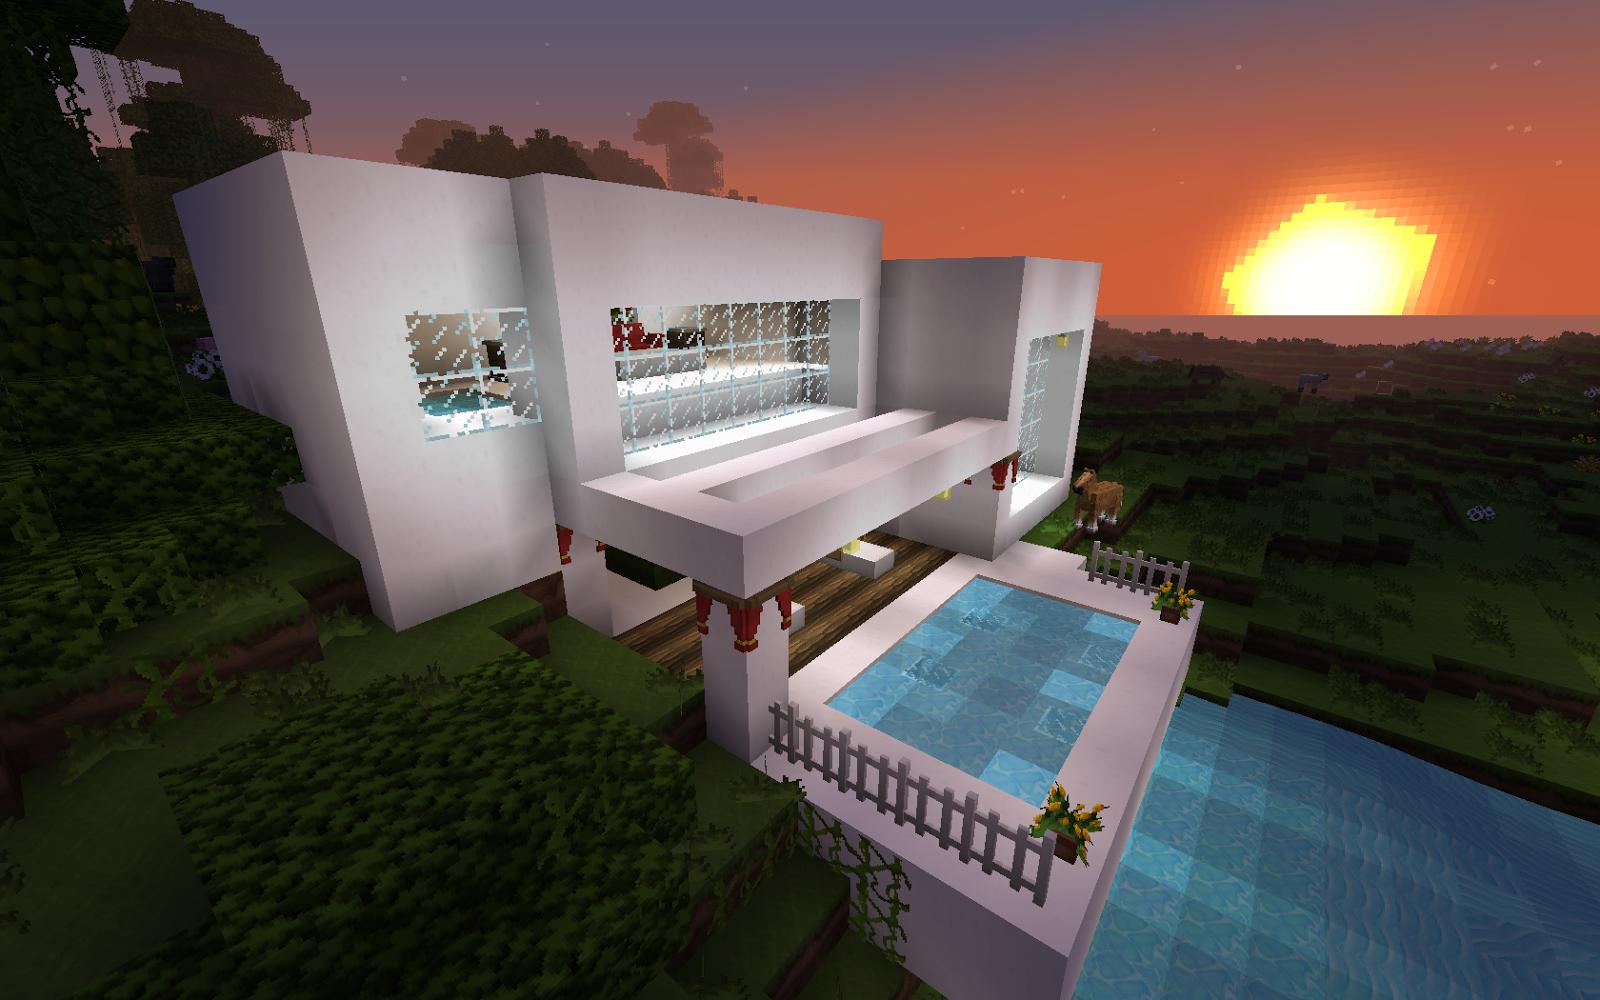 Games genteman nueva publicaci n top 10 mejores casas - Fotos de casas del minecraft ...